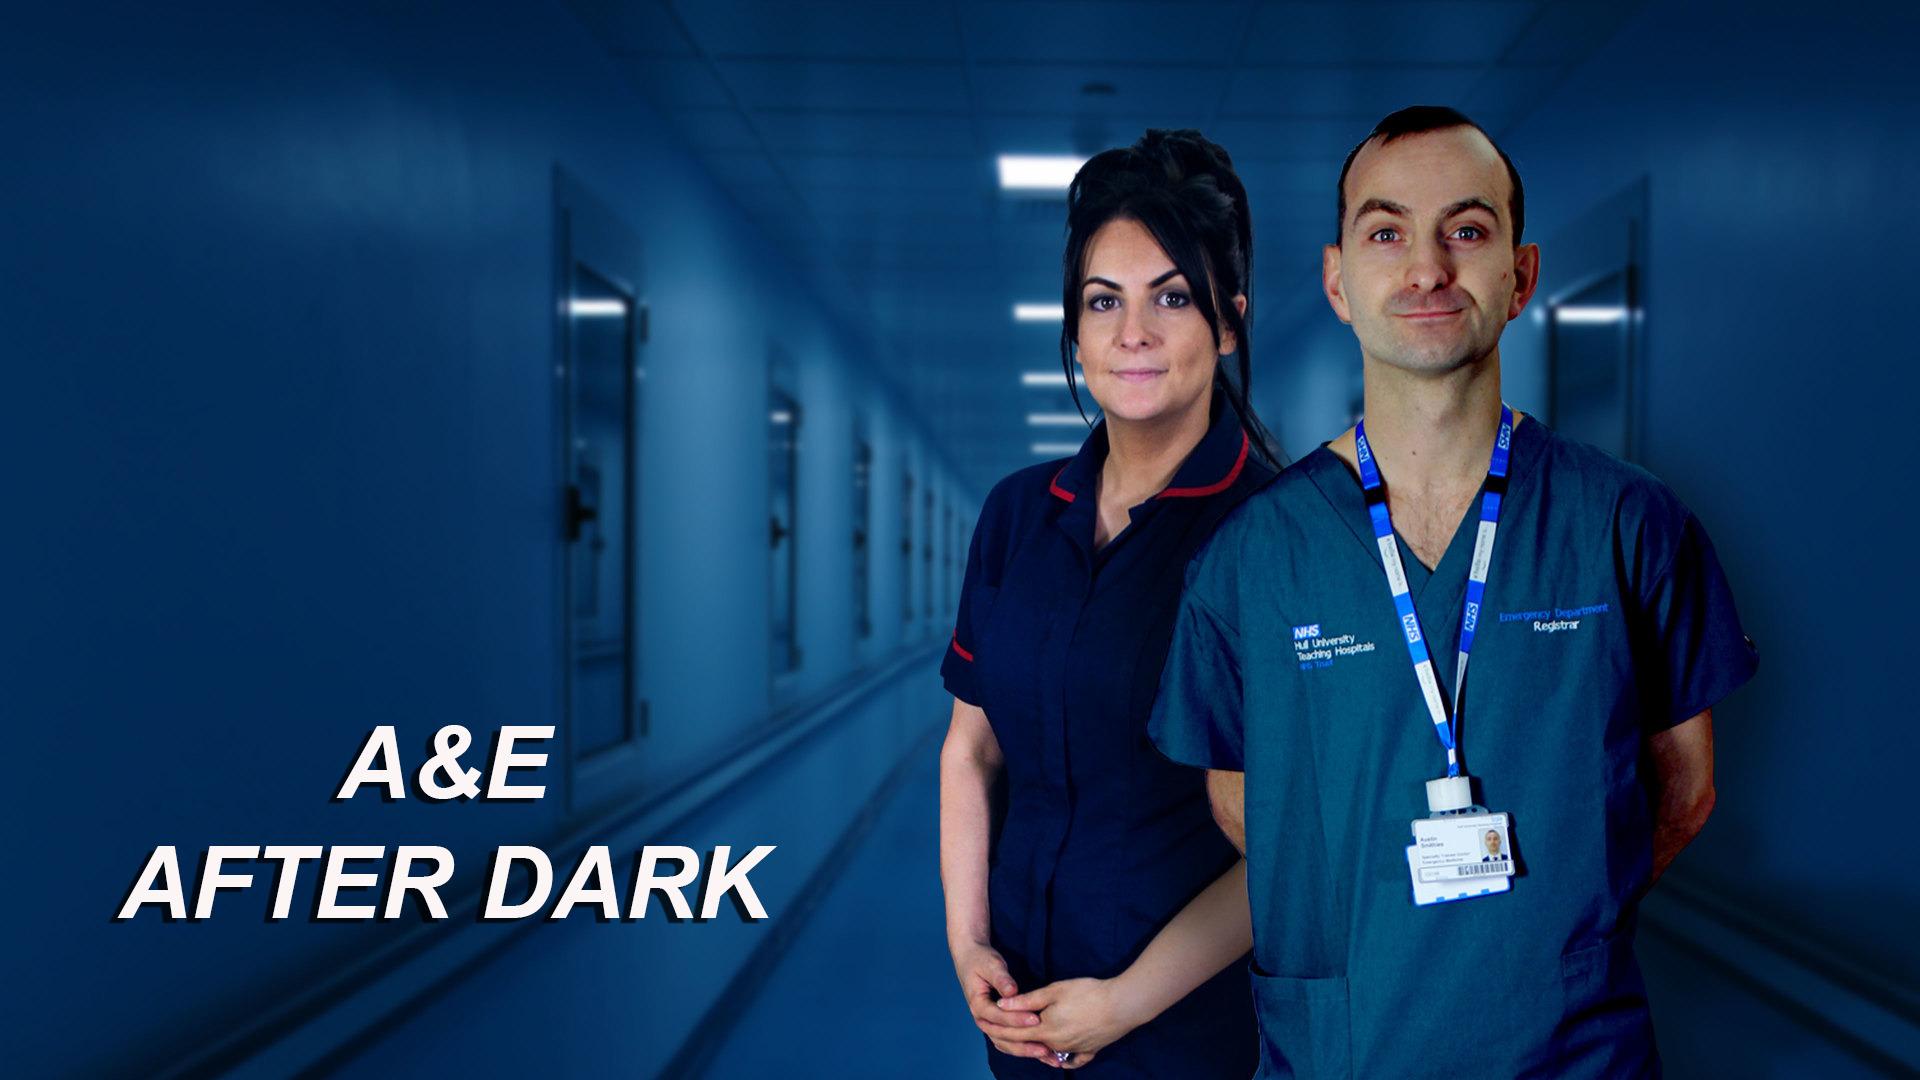 Show A&E After Dark